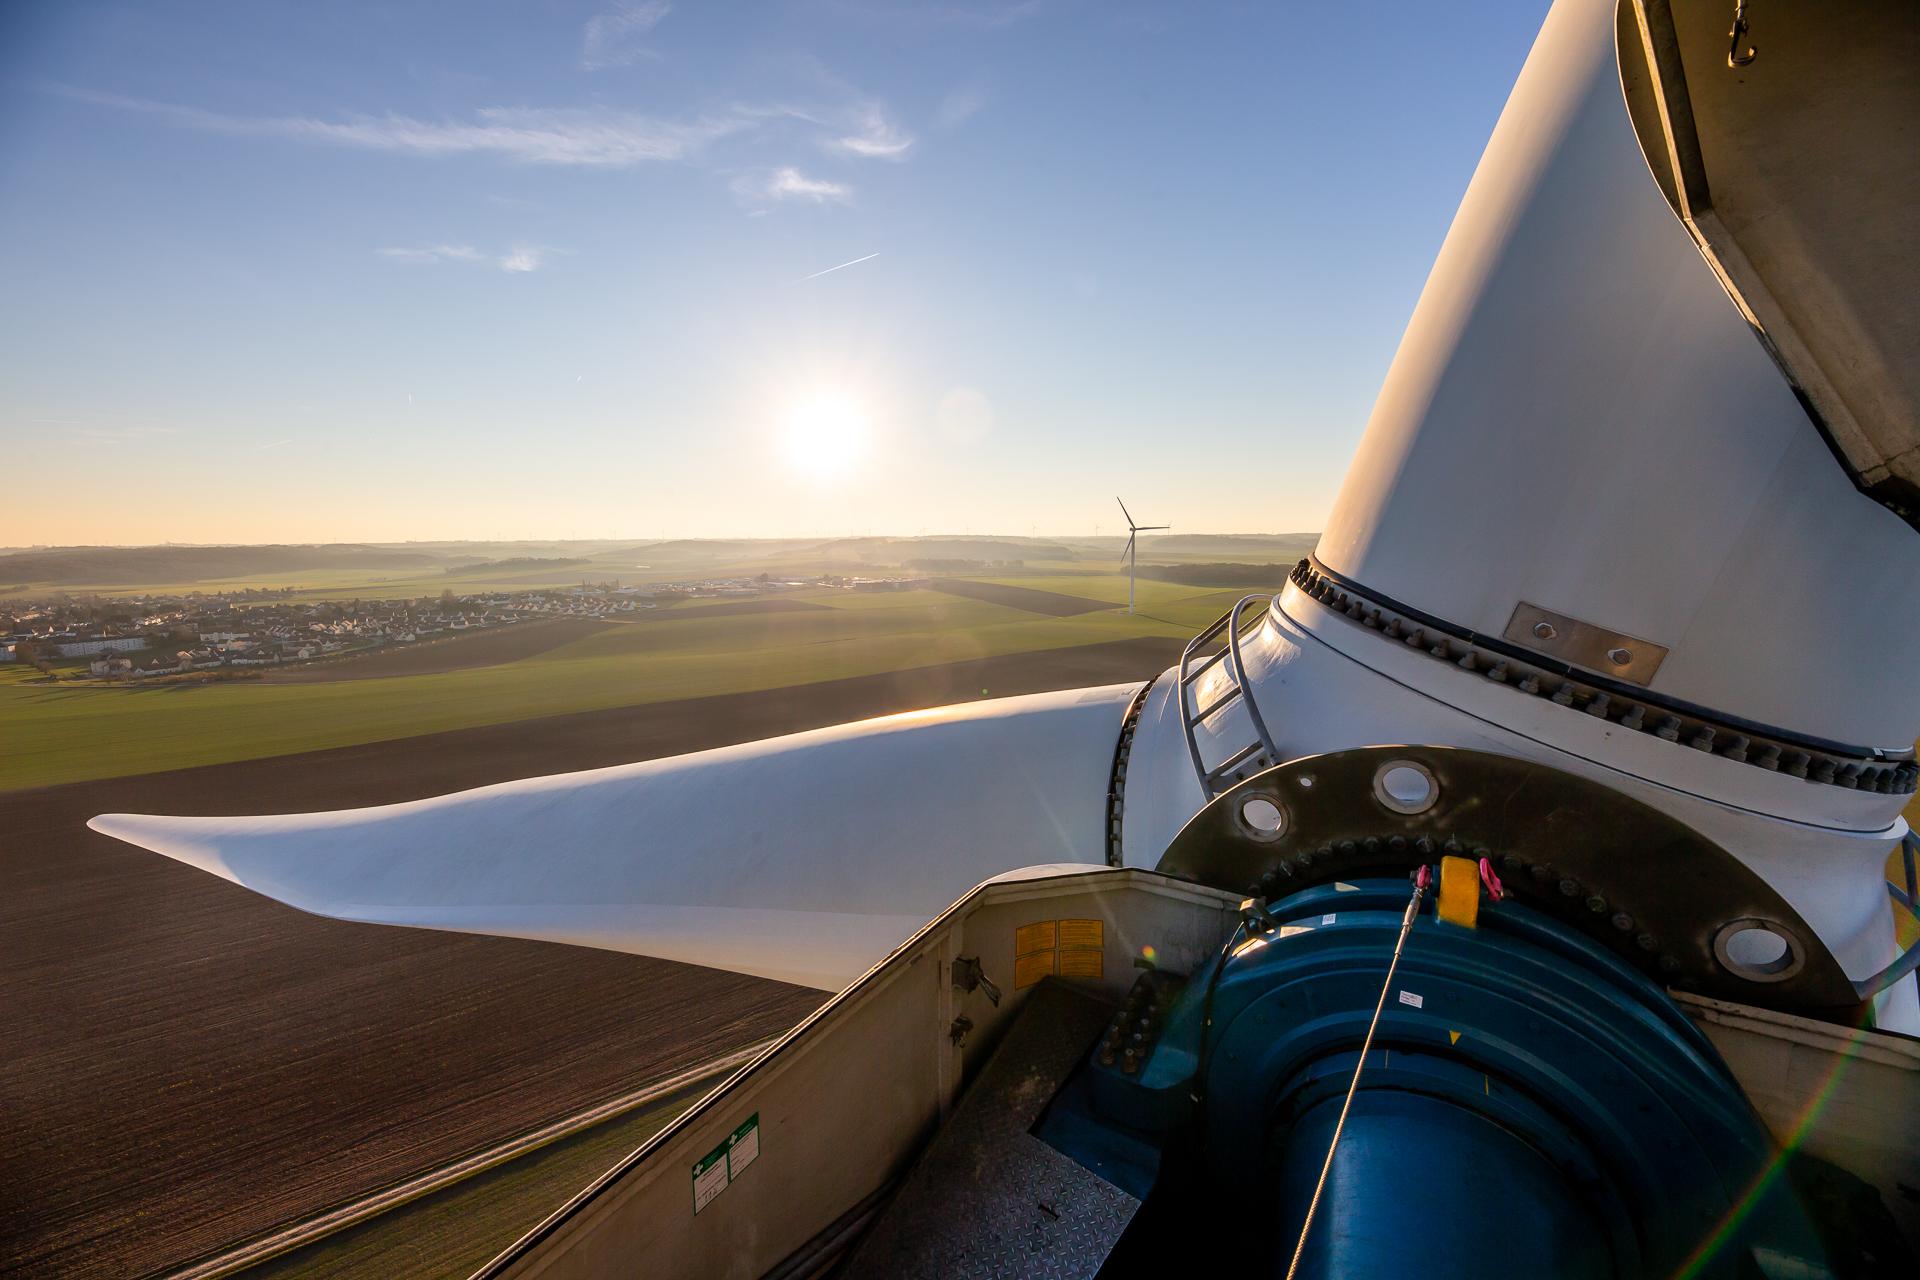 Kallista_Energy_Picardie_Breteuil-4039©Stephane_Leroy.jpg